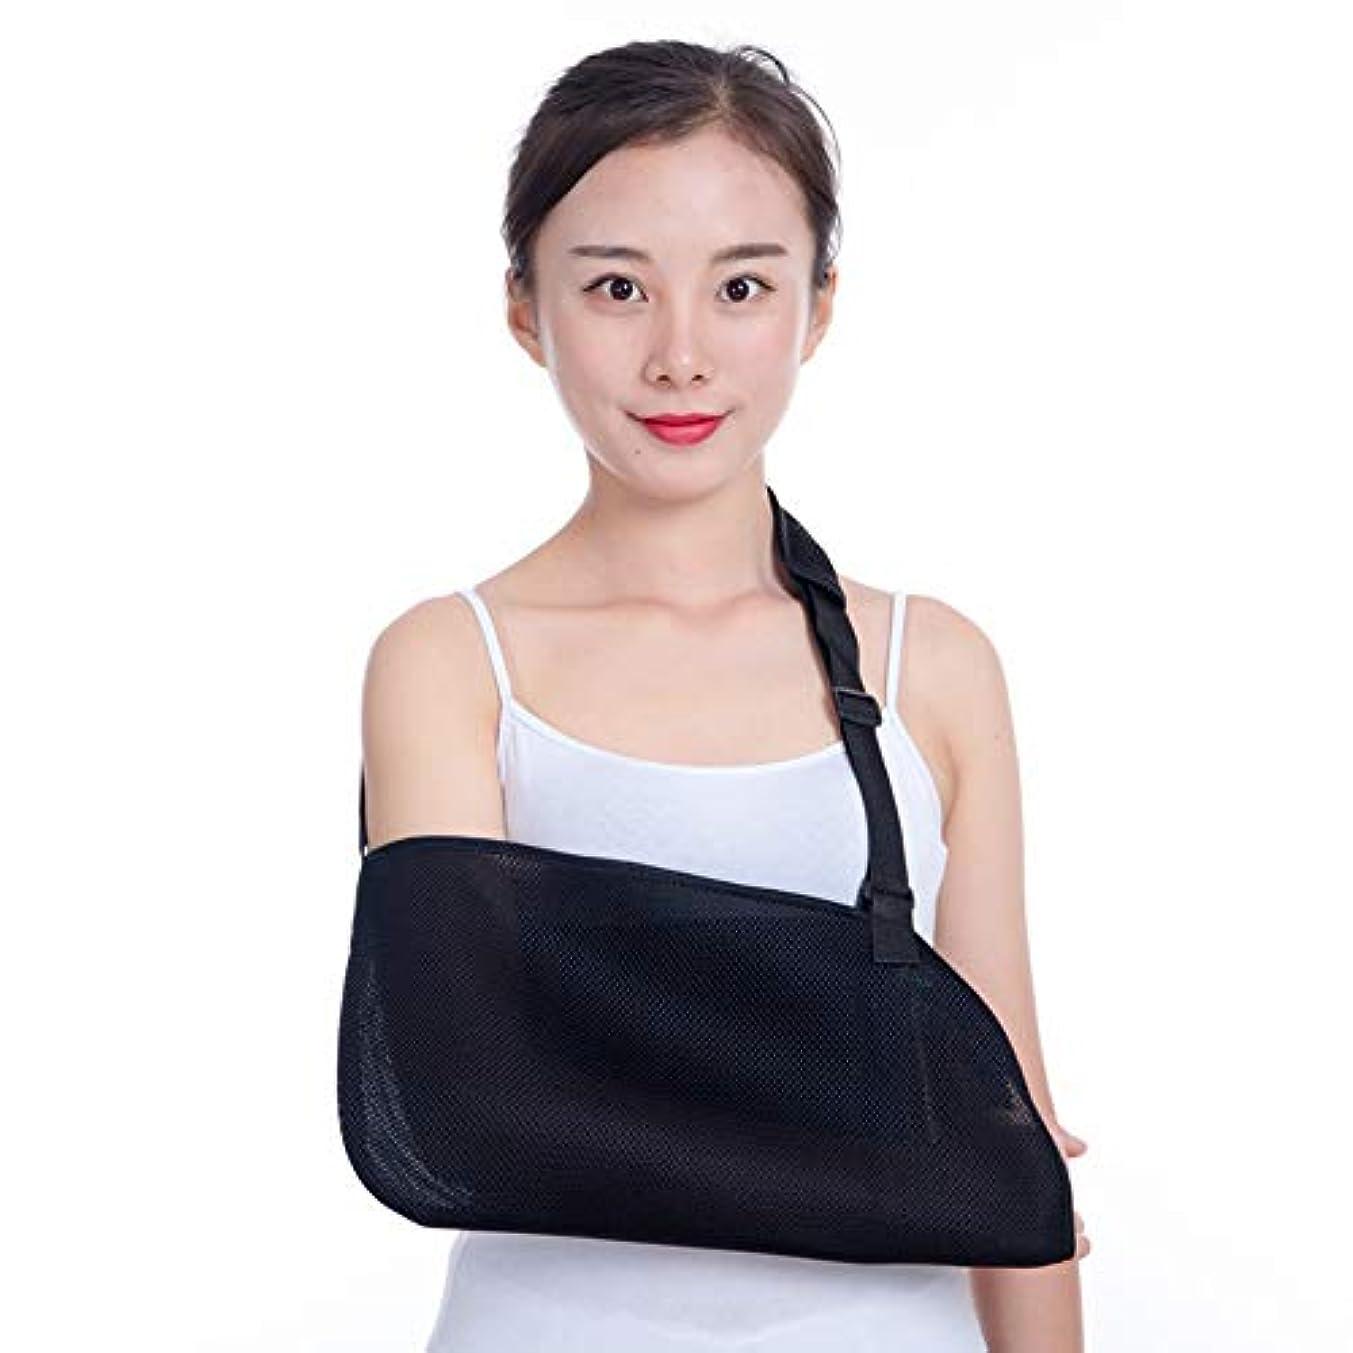 ストライドスロープ魔女壊れた手首の肘固定用の成人用通気性メッシュ調節可能な前腕回旋腱板サポート軽量快適のためのアームスリングブレース,Black